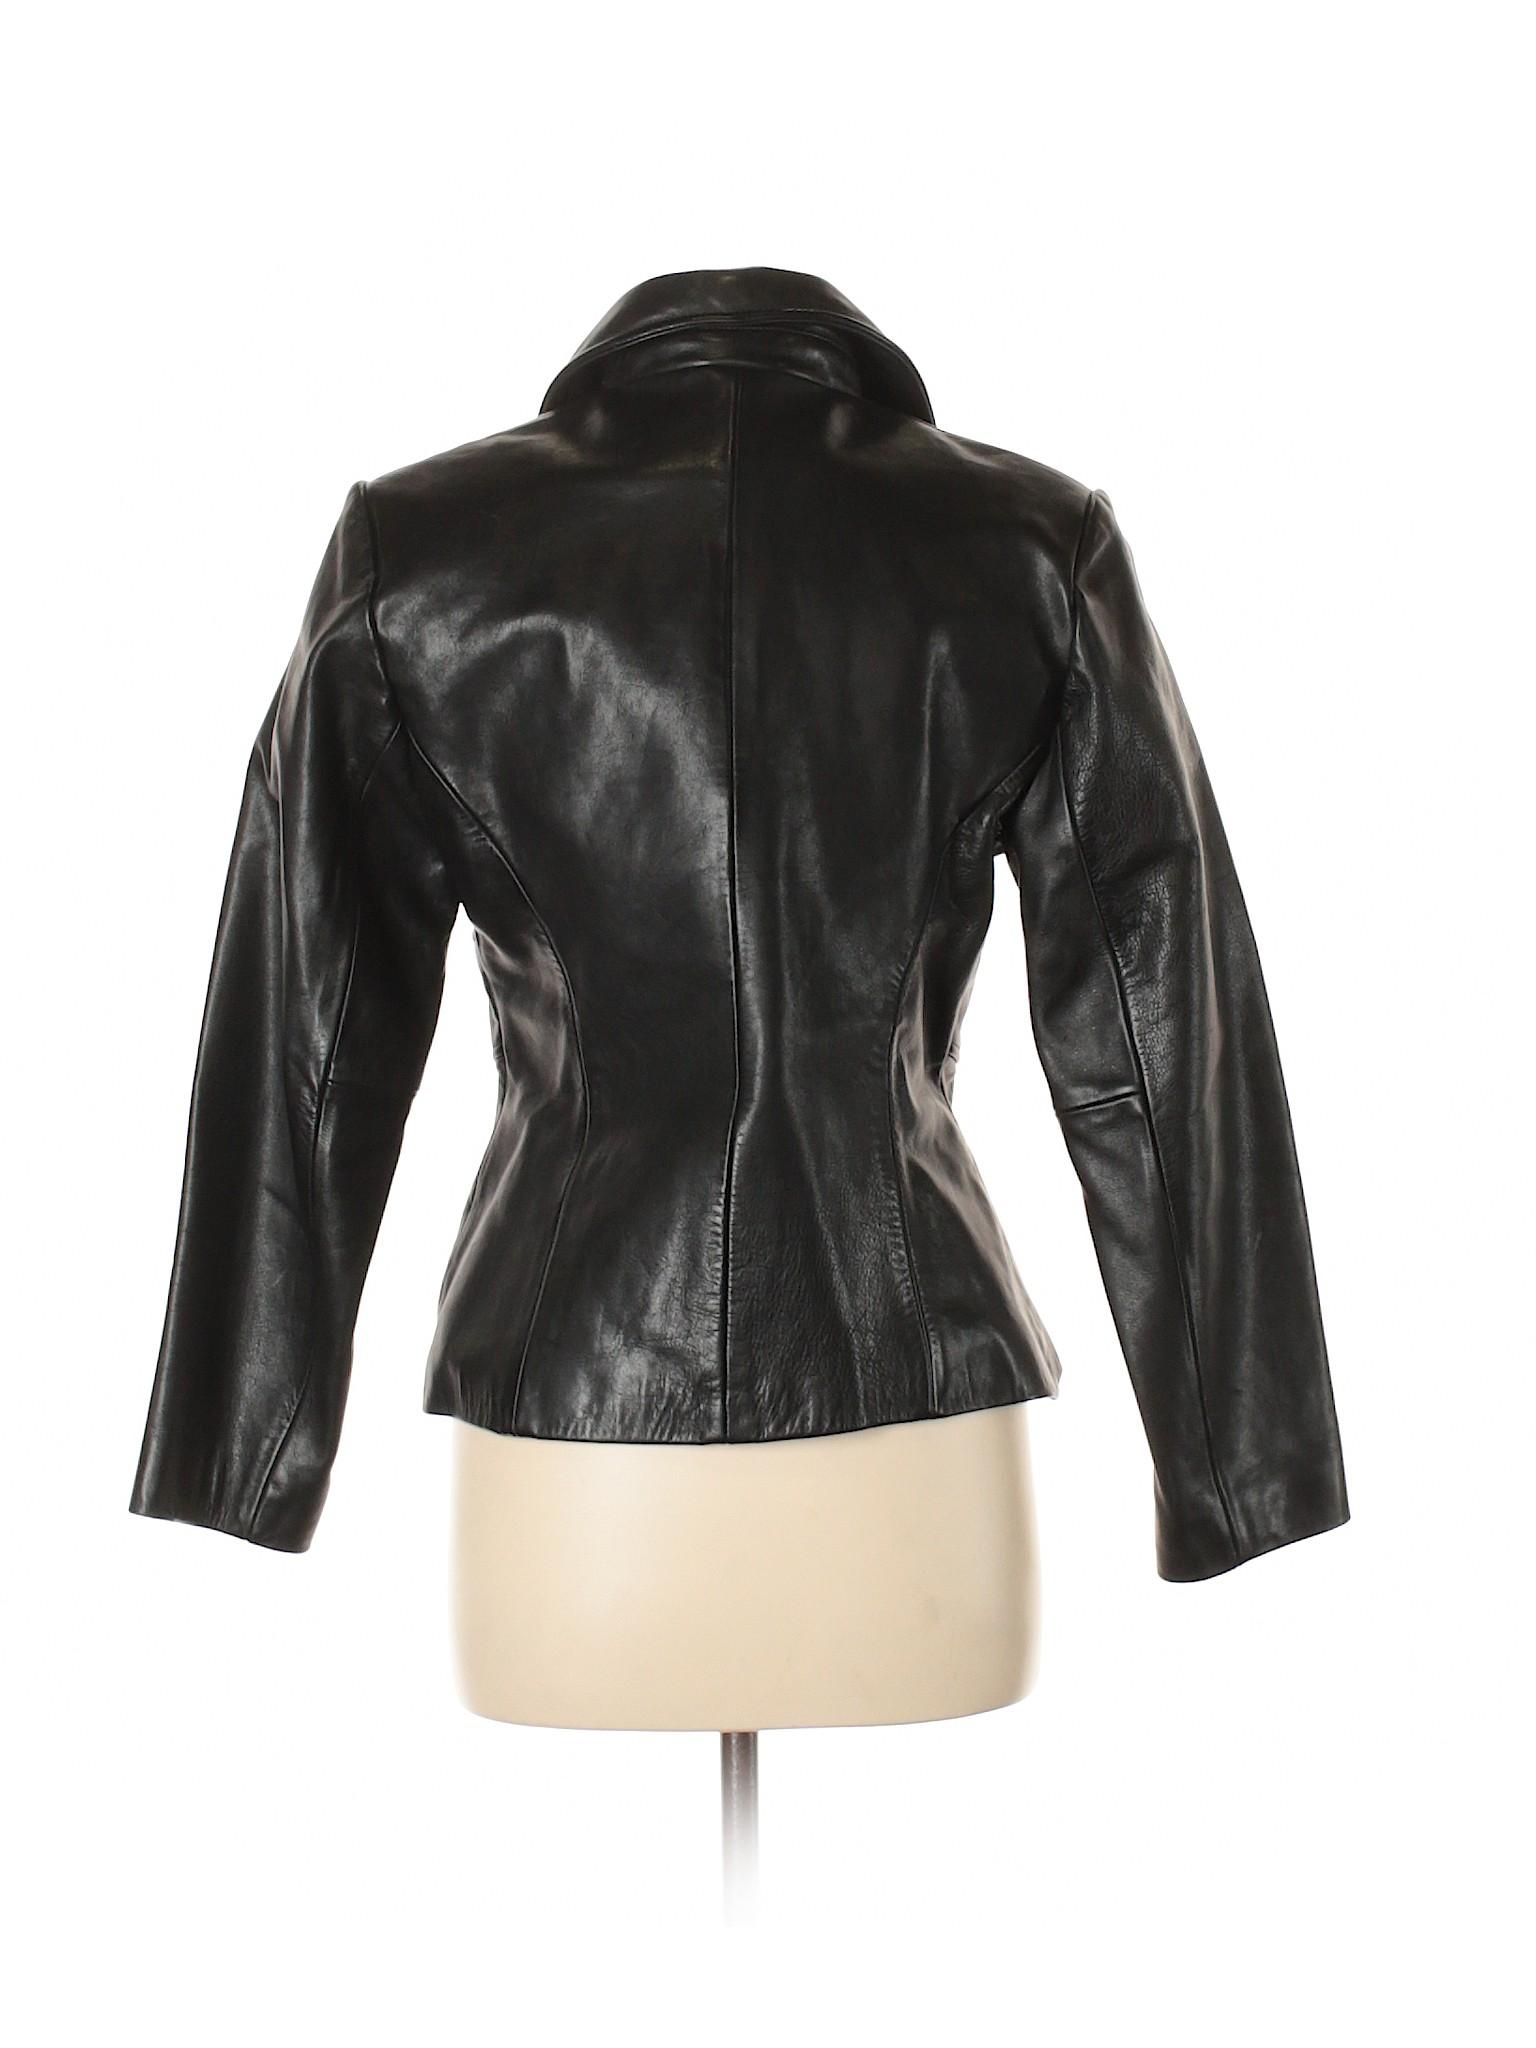 Guess Boutique Leather Boutique Jacket Guess leisure Leather Jacket leisure Boutique leisure Bqxa485x